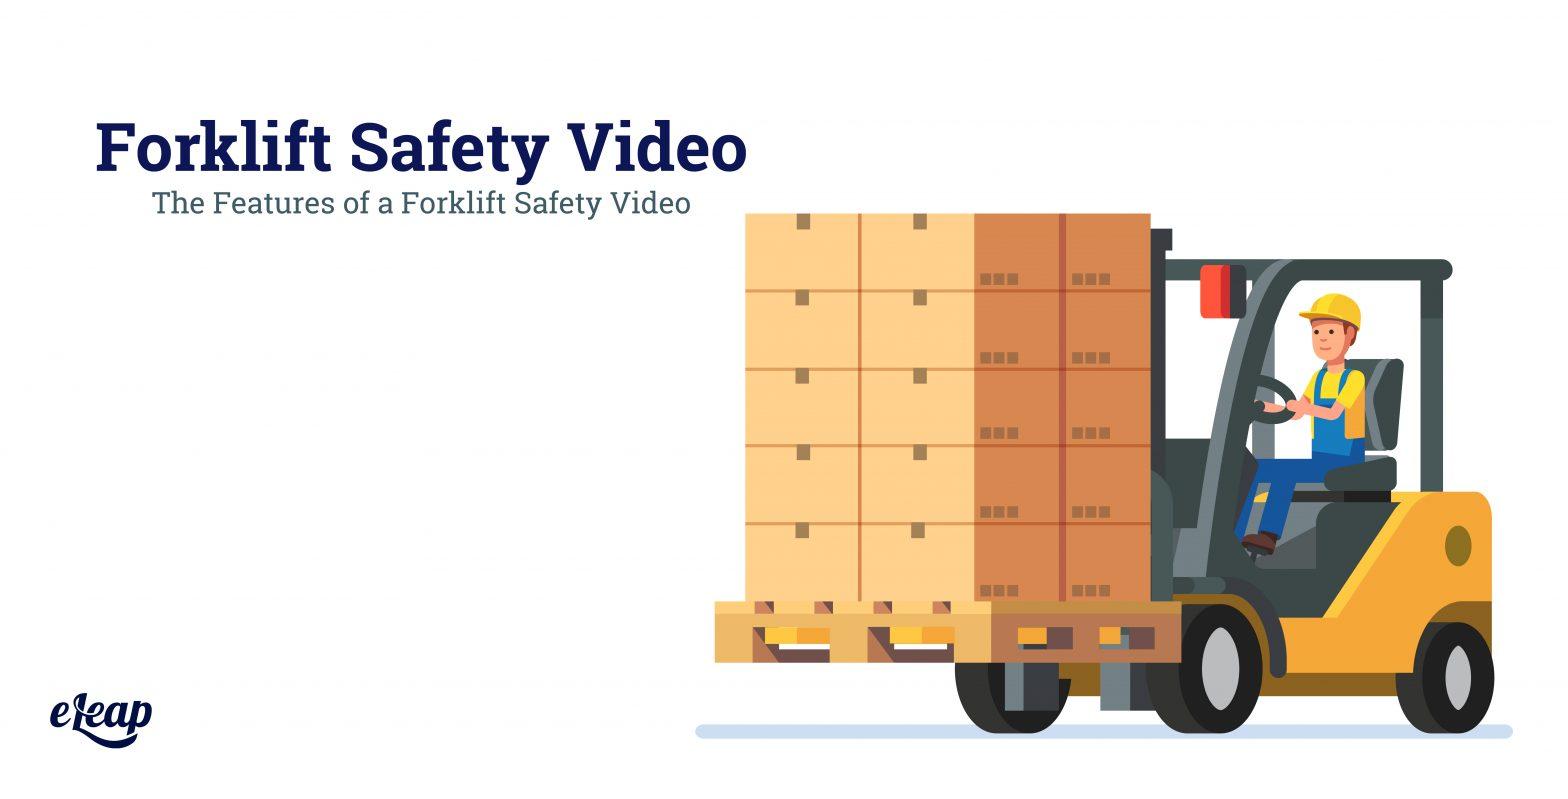 Forklift Safety Video